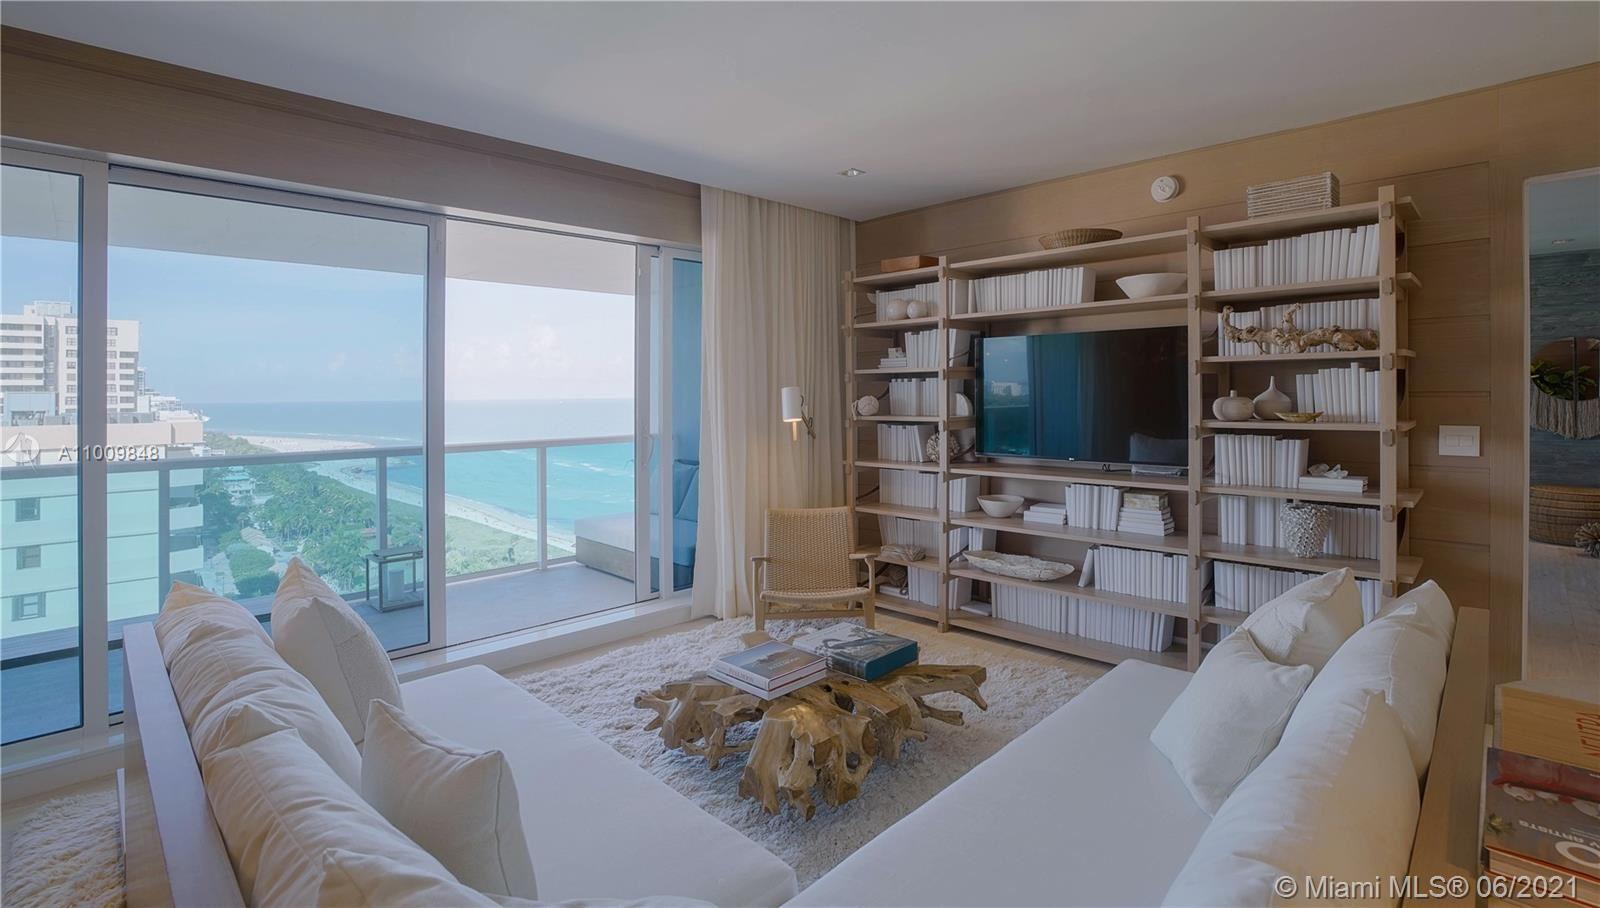 102 24th St #PH-1707, Miami Beach, FL 33139 - #: A11009848